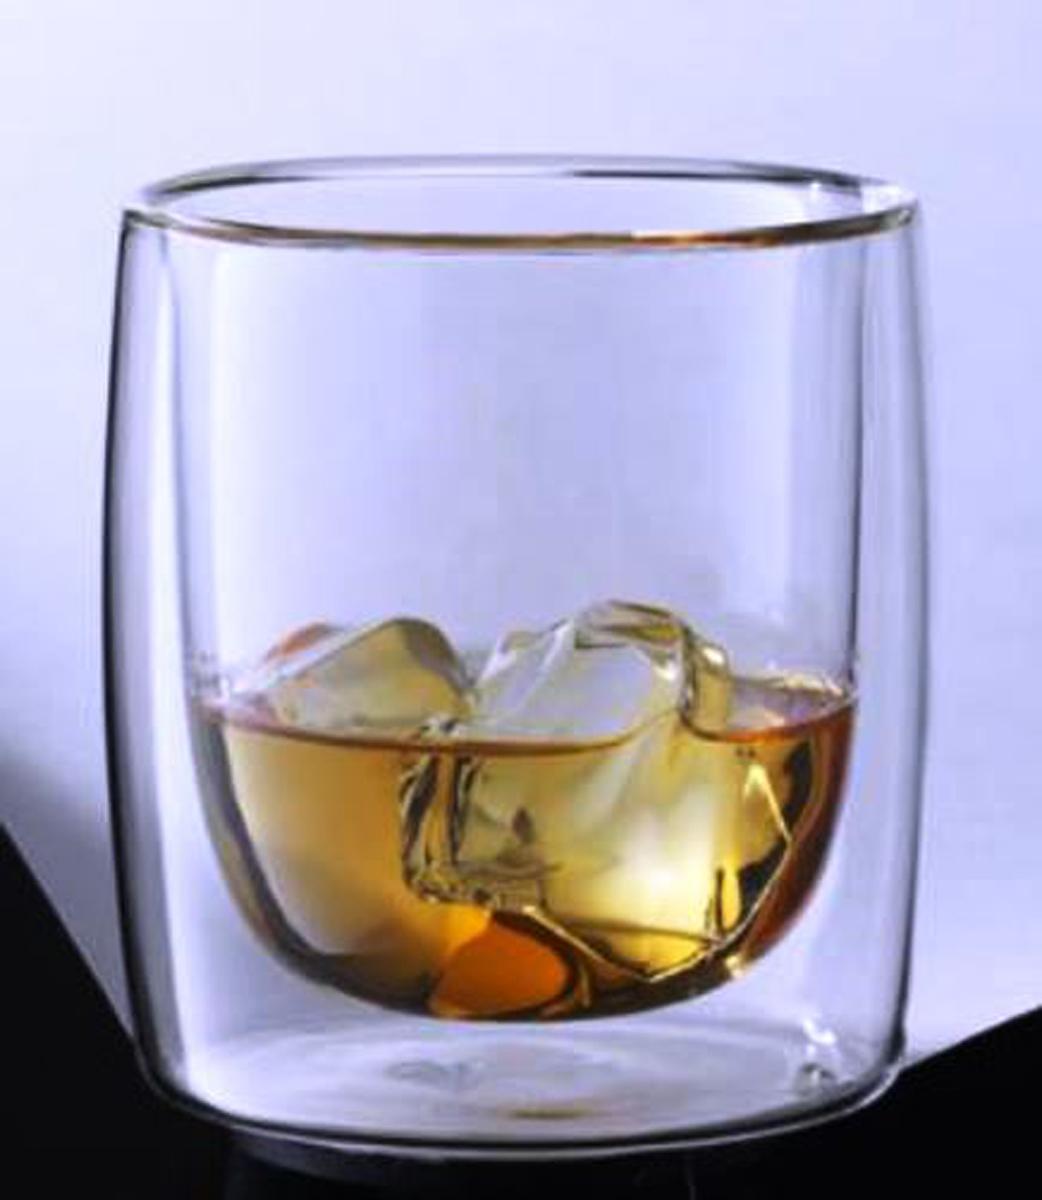 Набор стаканов Zwilling Sorrento, для виски , 266 мл, 2 шт39500-215Стаканы серии ZWILLING SORRENTO изготавливаются с использованием высококачественного сырья в ходе сложного и строго контролируемого производственного процесса. Элегантный дизайн, не подверженный влиянию времени - это визуальное очарование ZWILLING SORRENTO. Высокие критерии качества позволят вам долго пользоваться нашими изделиями, каждый раз получая от них удовольствие и радость Стаканы изготовлены из двойного стекла. Долгое время сохраняют холодные напитки холодными. Легкие, прочные и устойчивые. Рекомендации по уходу: стаканы необходимо мыть теплой водой с небольшим количеством средства для мытья посуды (без отдушки) и вытирать насухо чистым полотенцем из неворсистого материала (желательно из чистого льна).